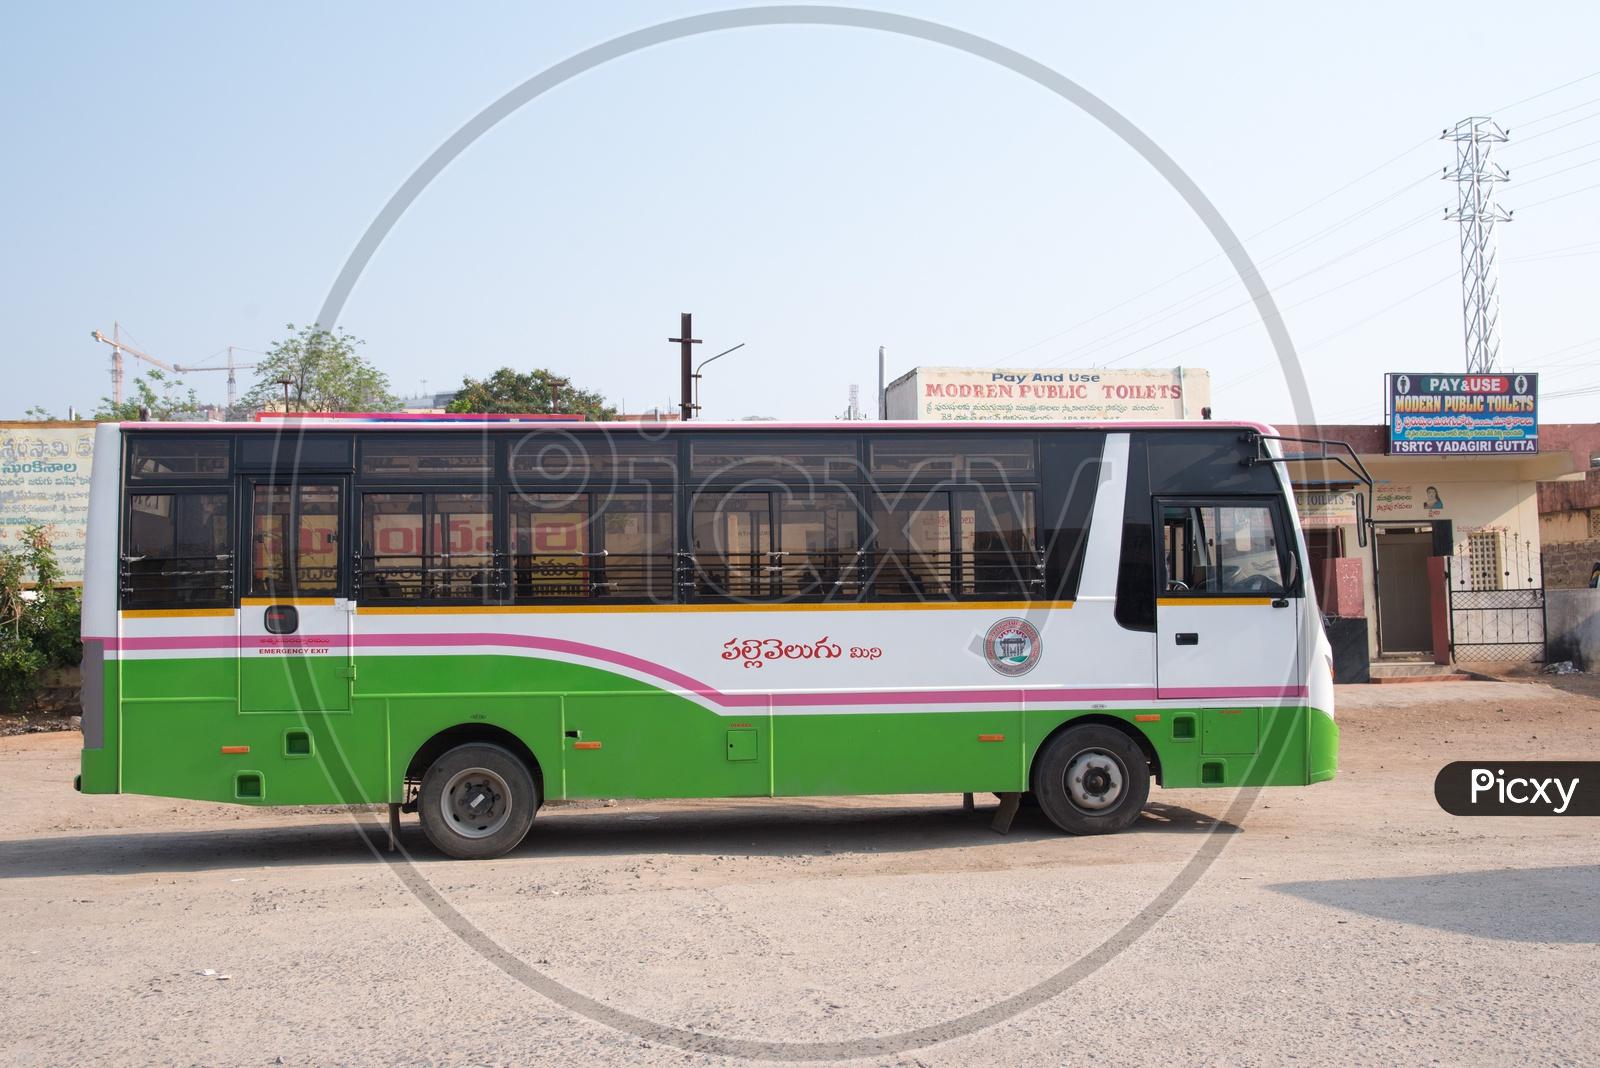 TSRTC Bus for pilgrims transportation at Yadagirigutta